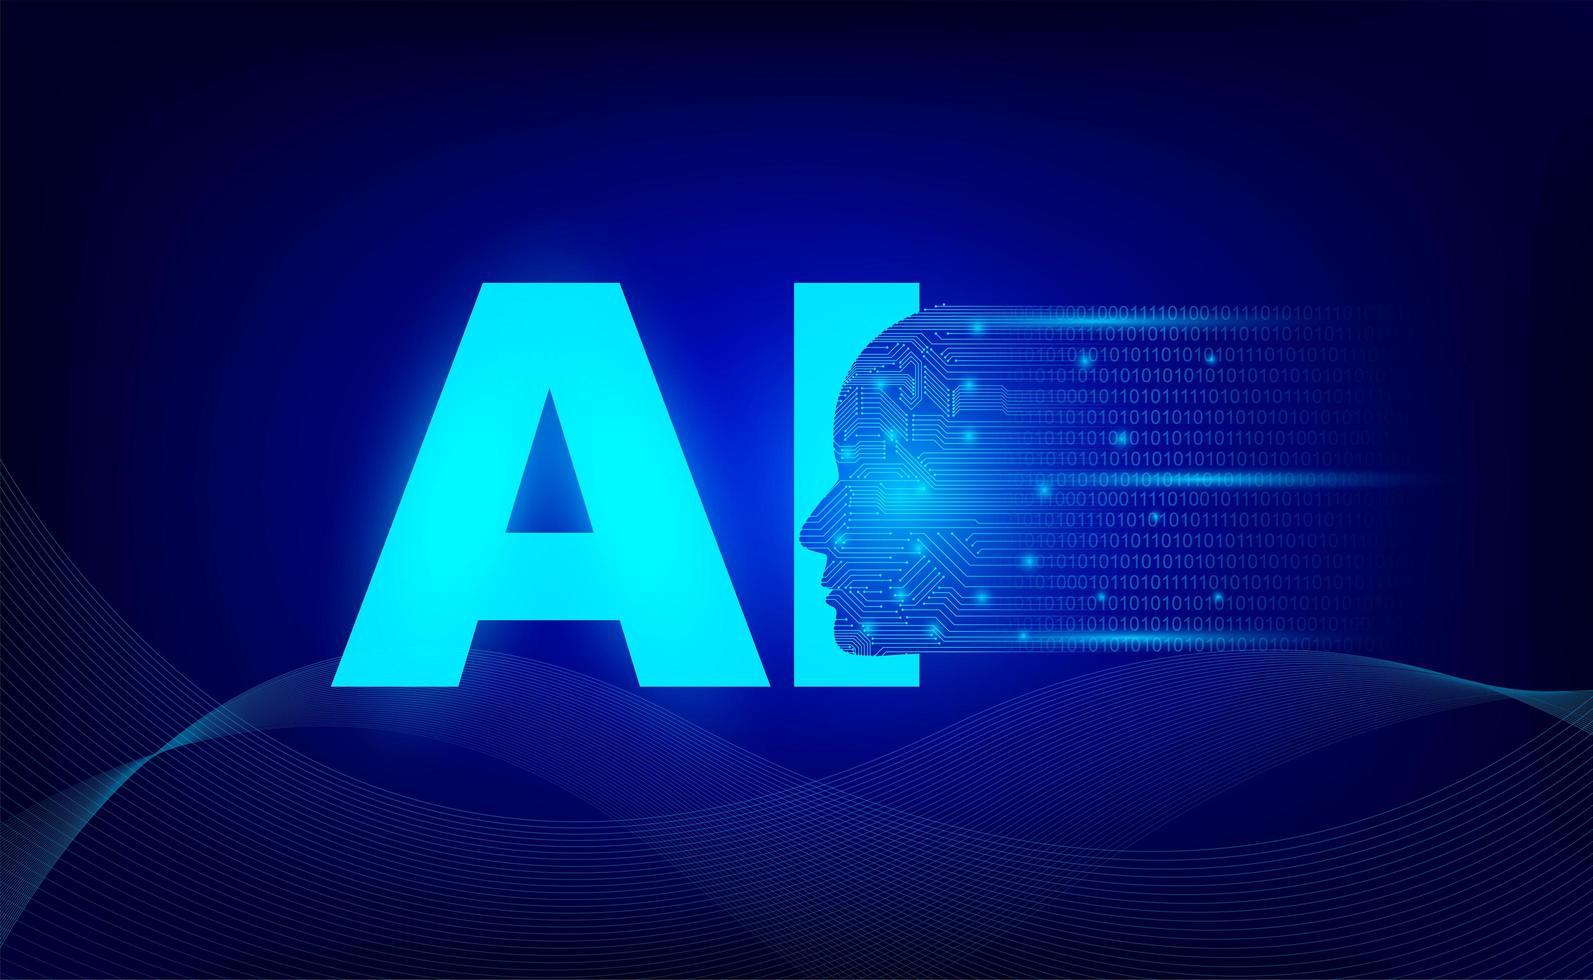 künstlicher Intelligenz Robotertechnologie Brief Hintergrund vektor